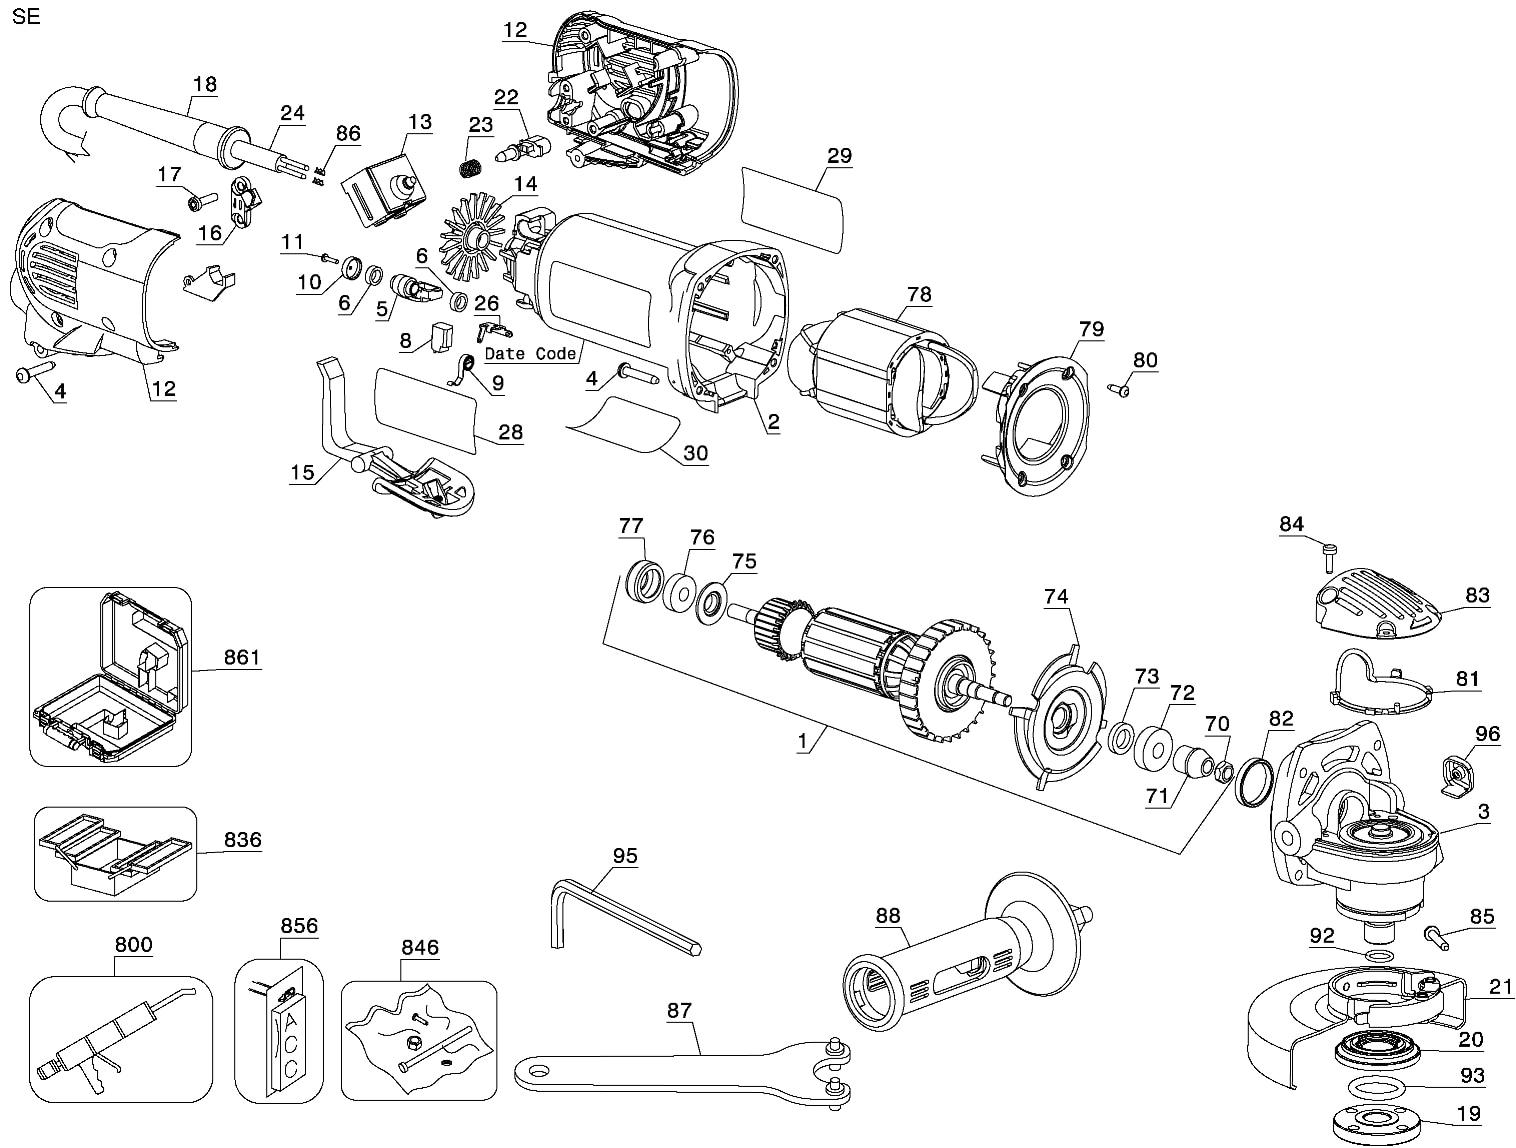 dewalt parts for d28402 grinder